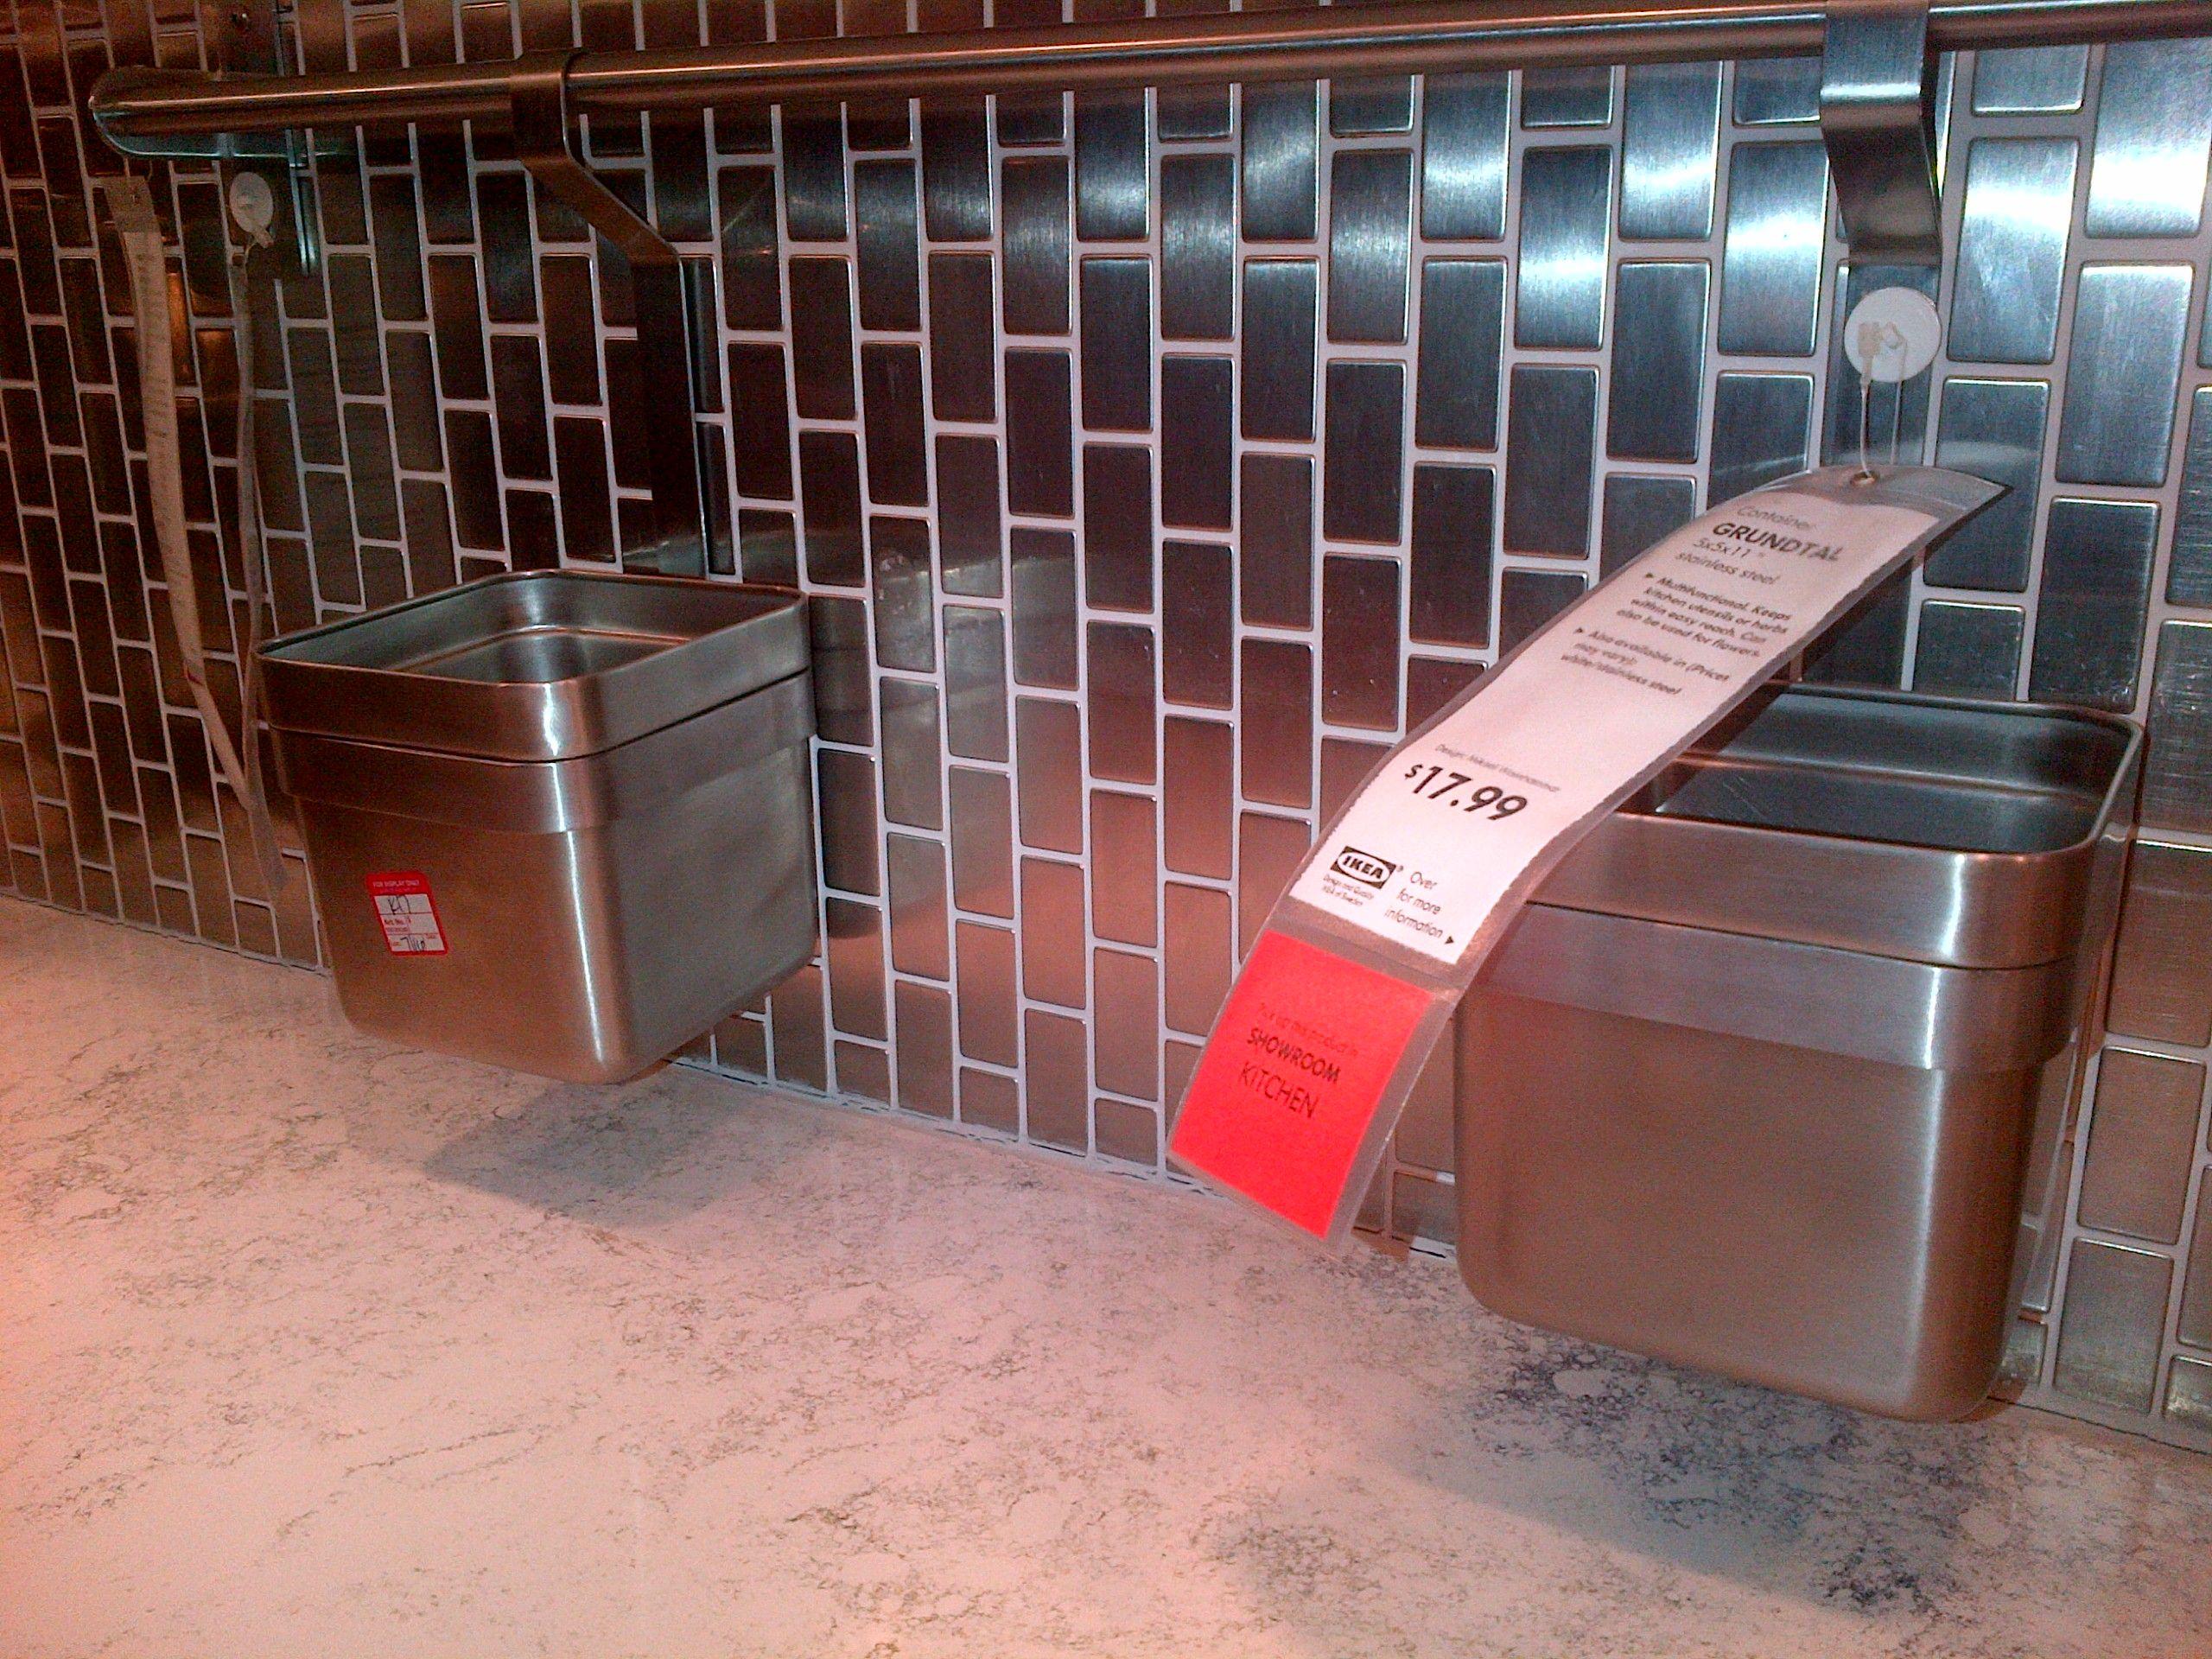 - Ikea Stainless Steel Backsplash Stainless Steel Backsplash